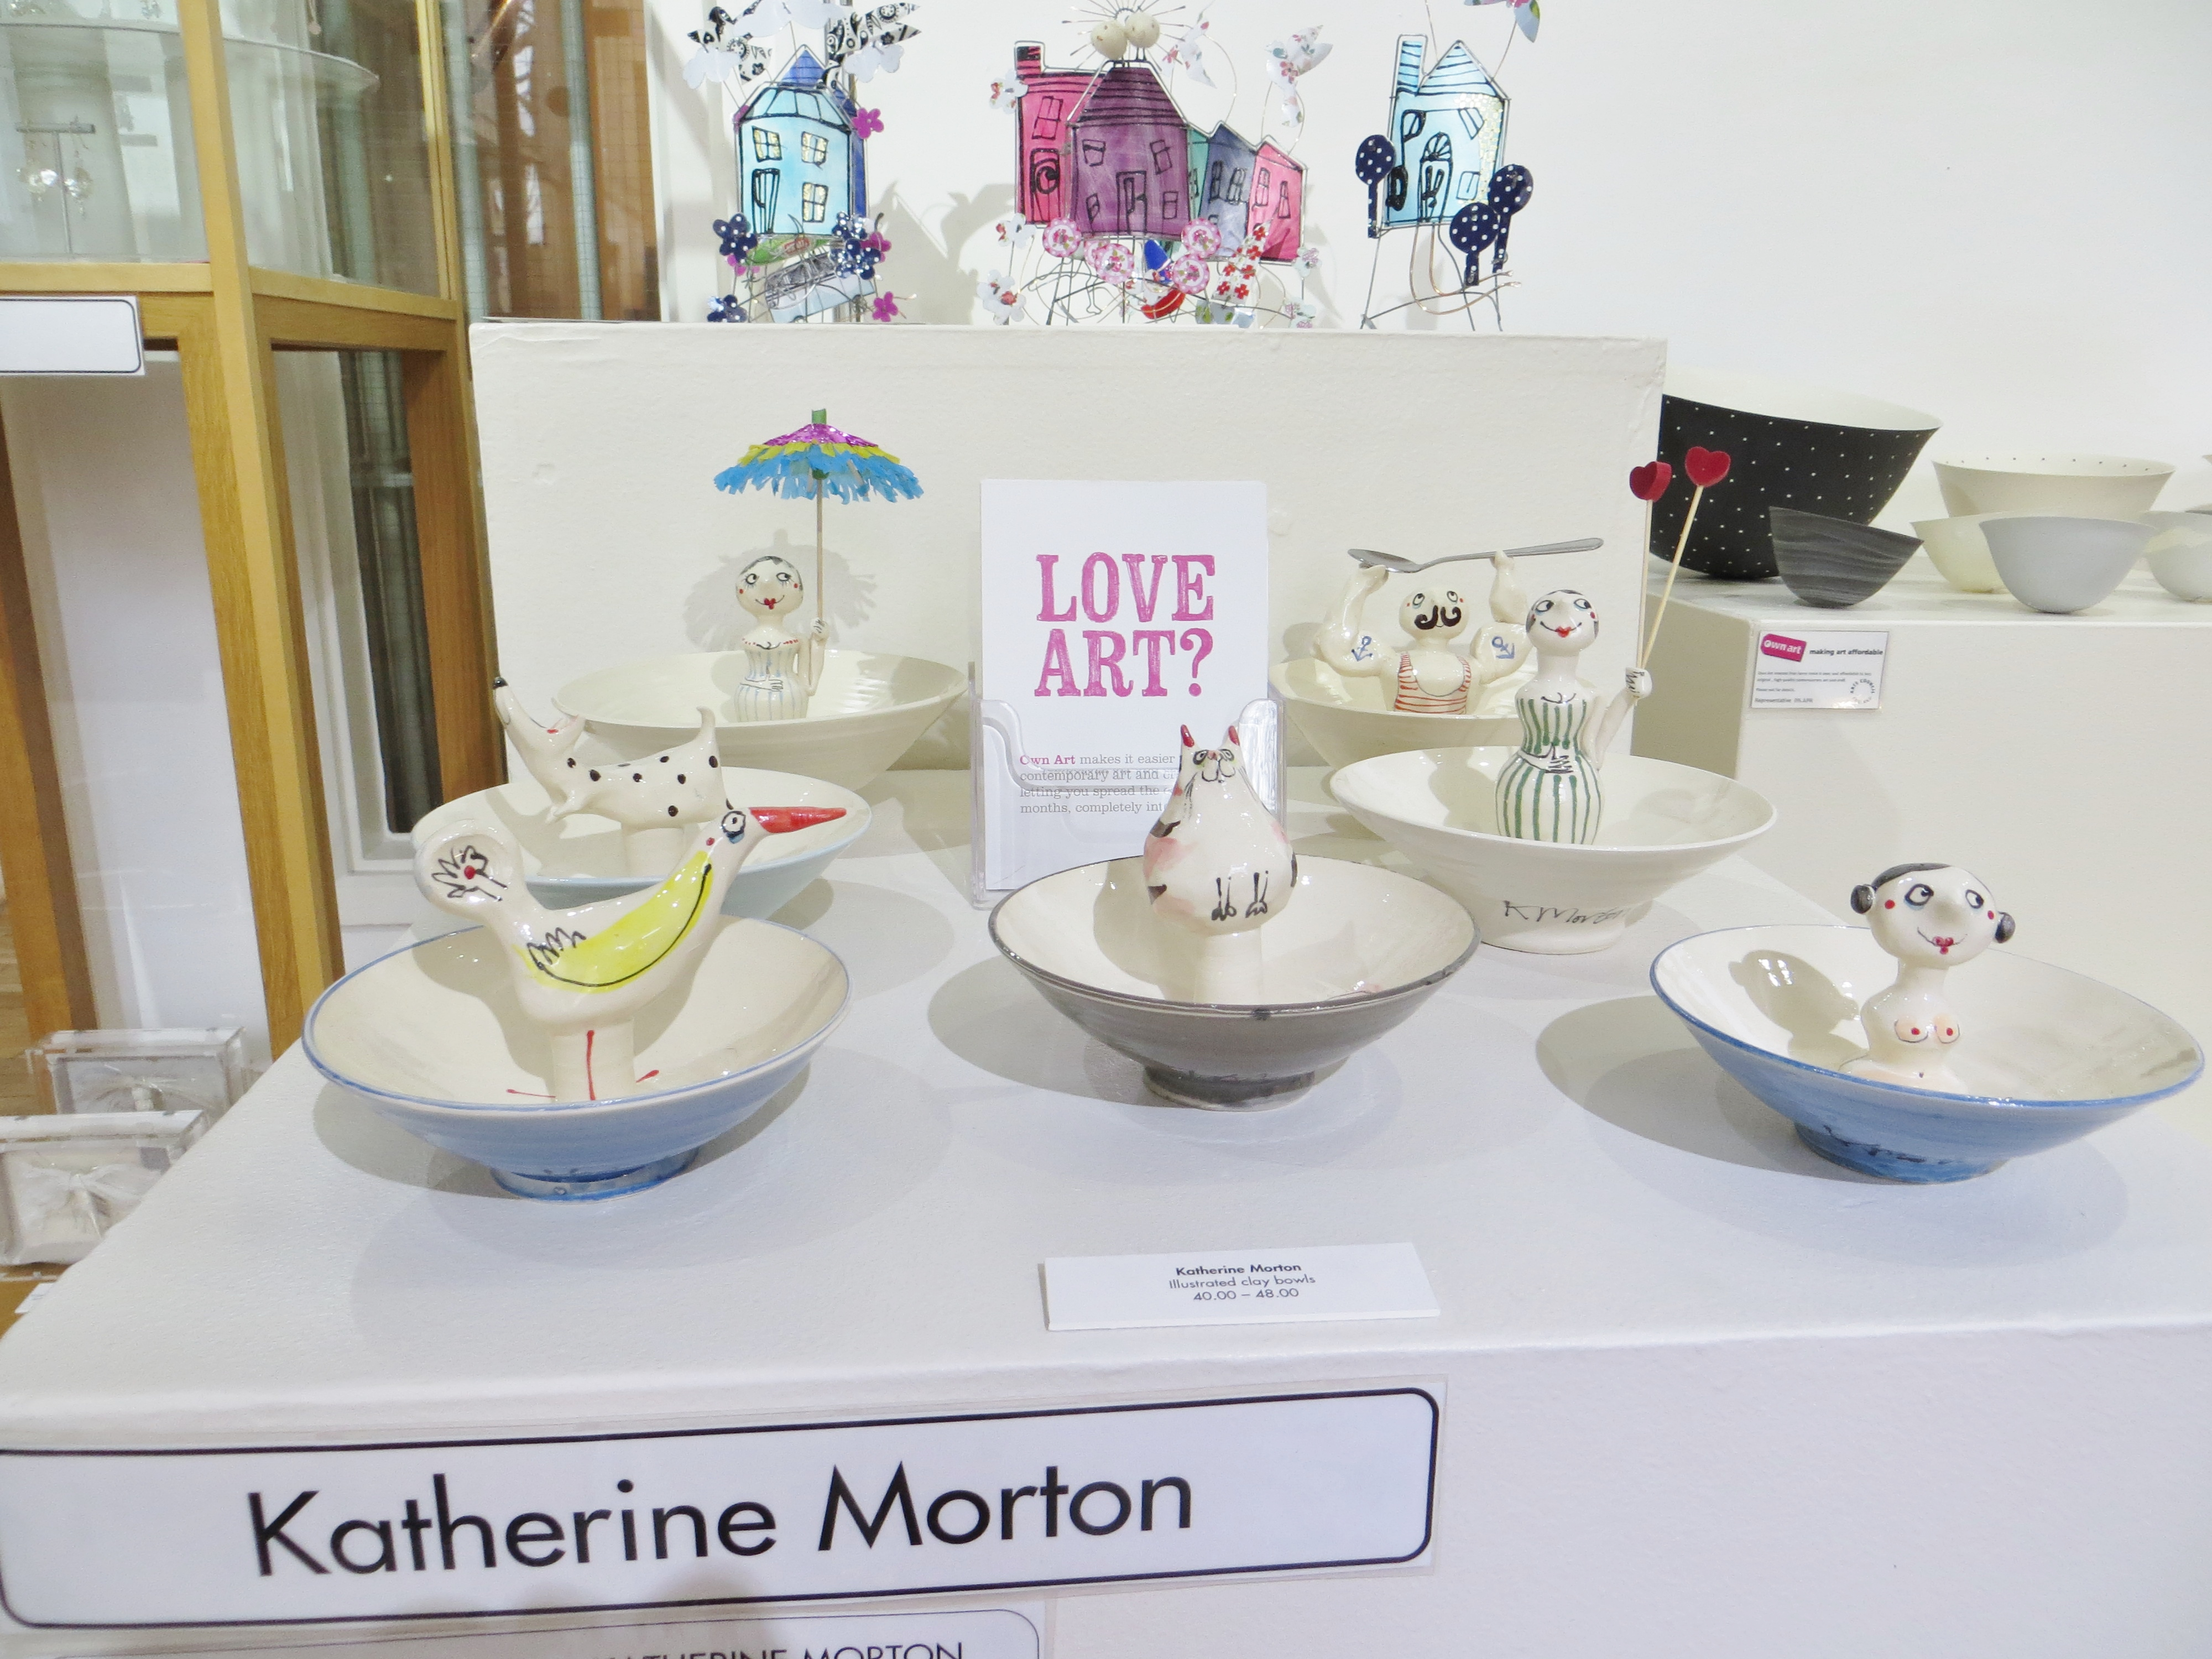 Katherine Morton